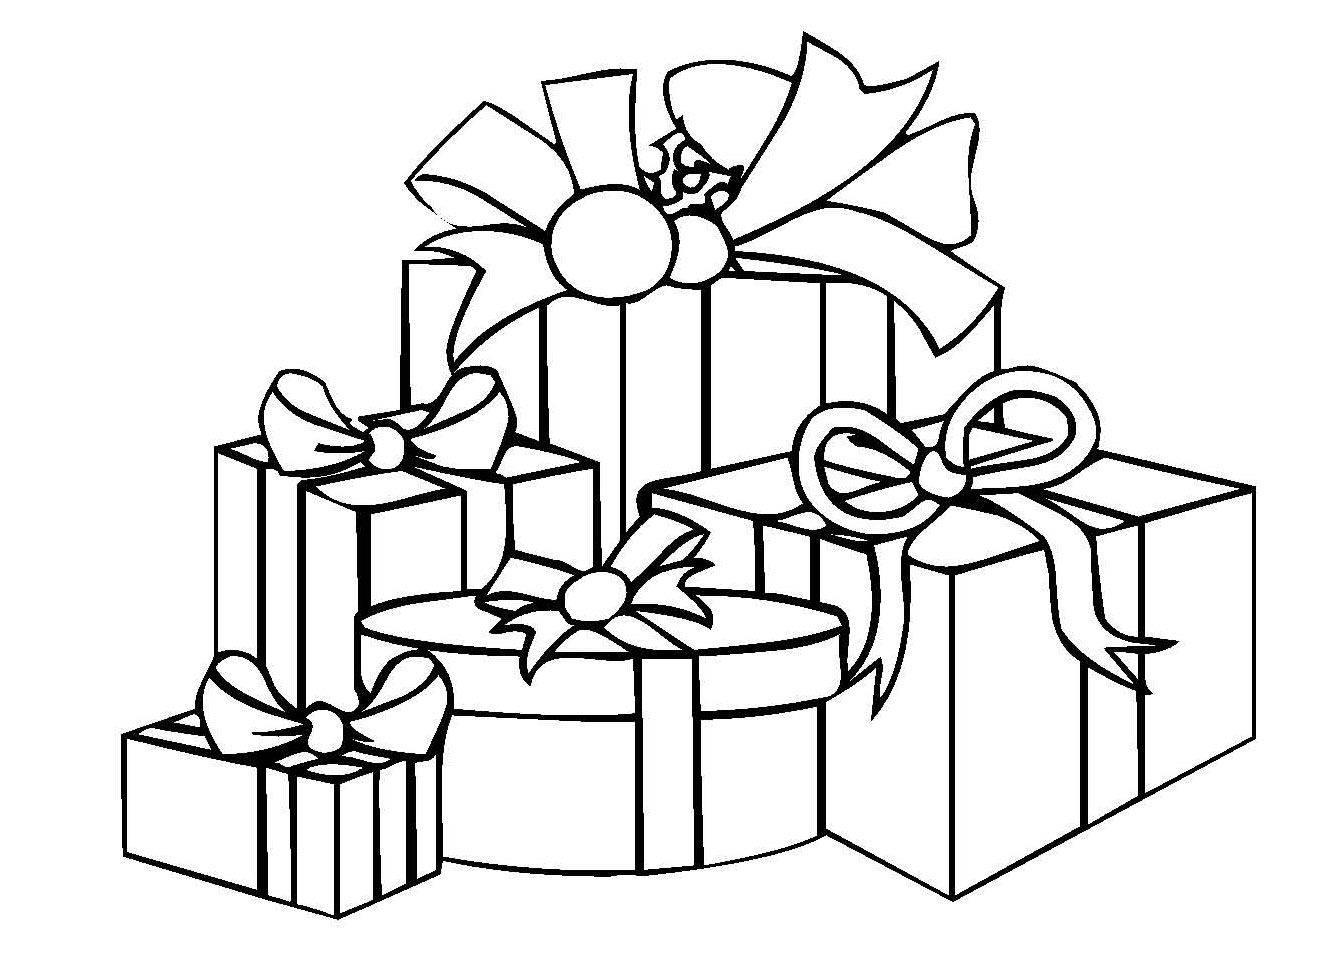 kostenlose malvorlage weihnachten weihnachtsgeschenke zum. Black Bedroom Furniture Sets. Home Design Ideas